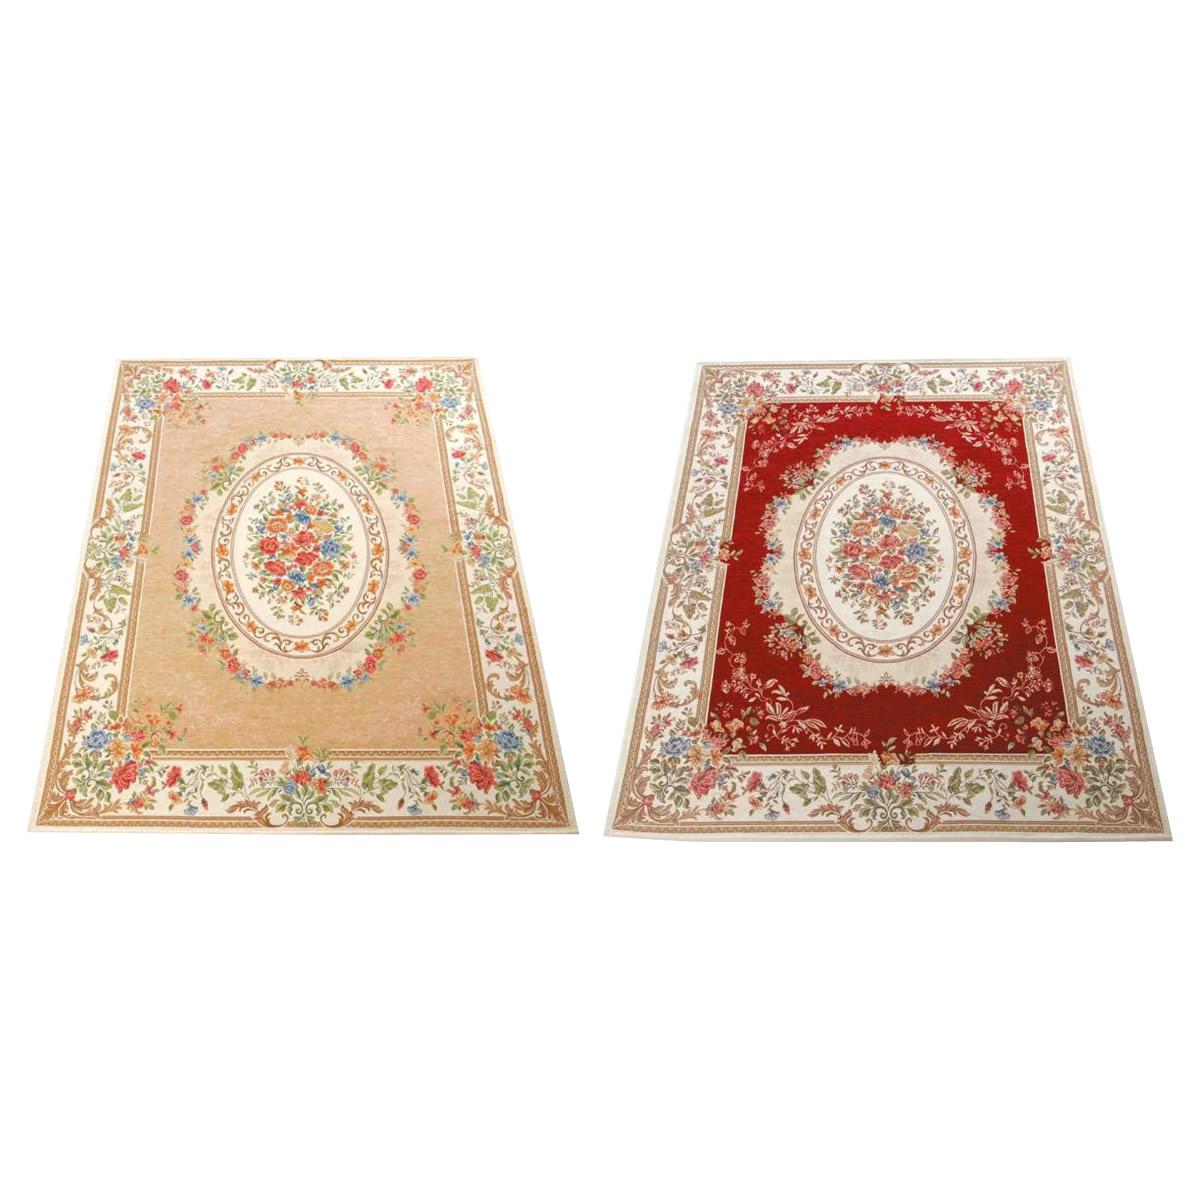 (同梱不可)ゴブラン織 シェニールカーペット 6畳用(約240×330cm)